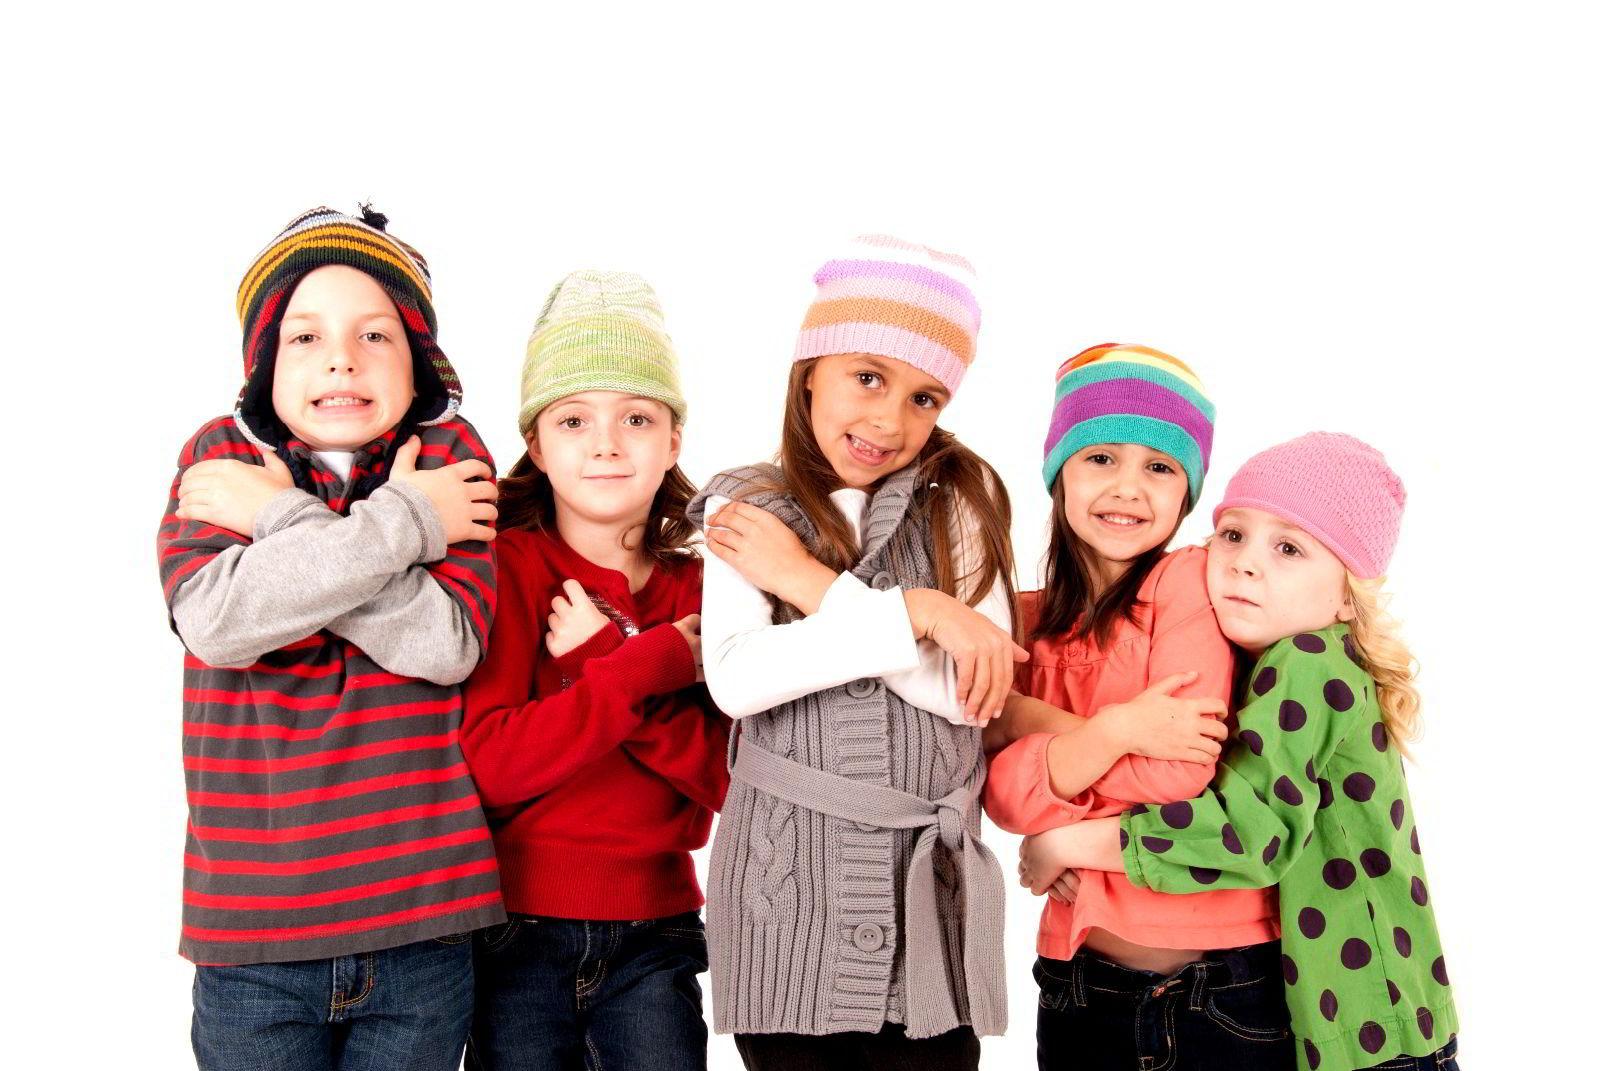 Niños abrigados con gorros expresando frio con su rostro